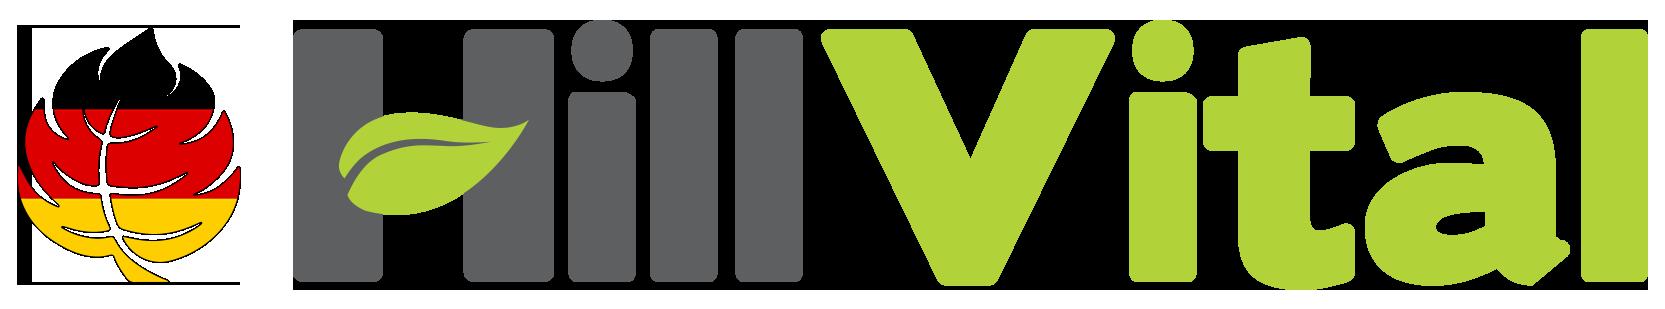 HillVital DE partner és forgalmazó